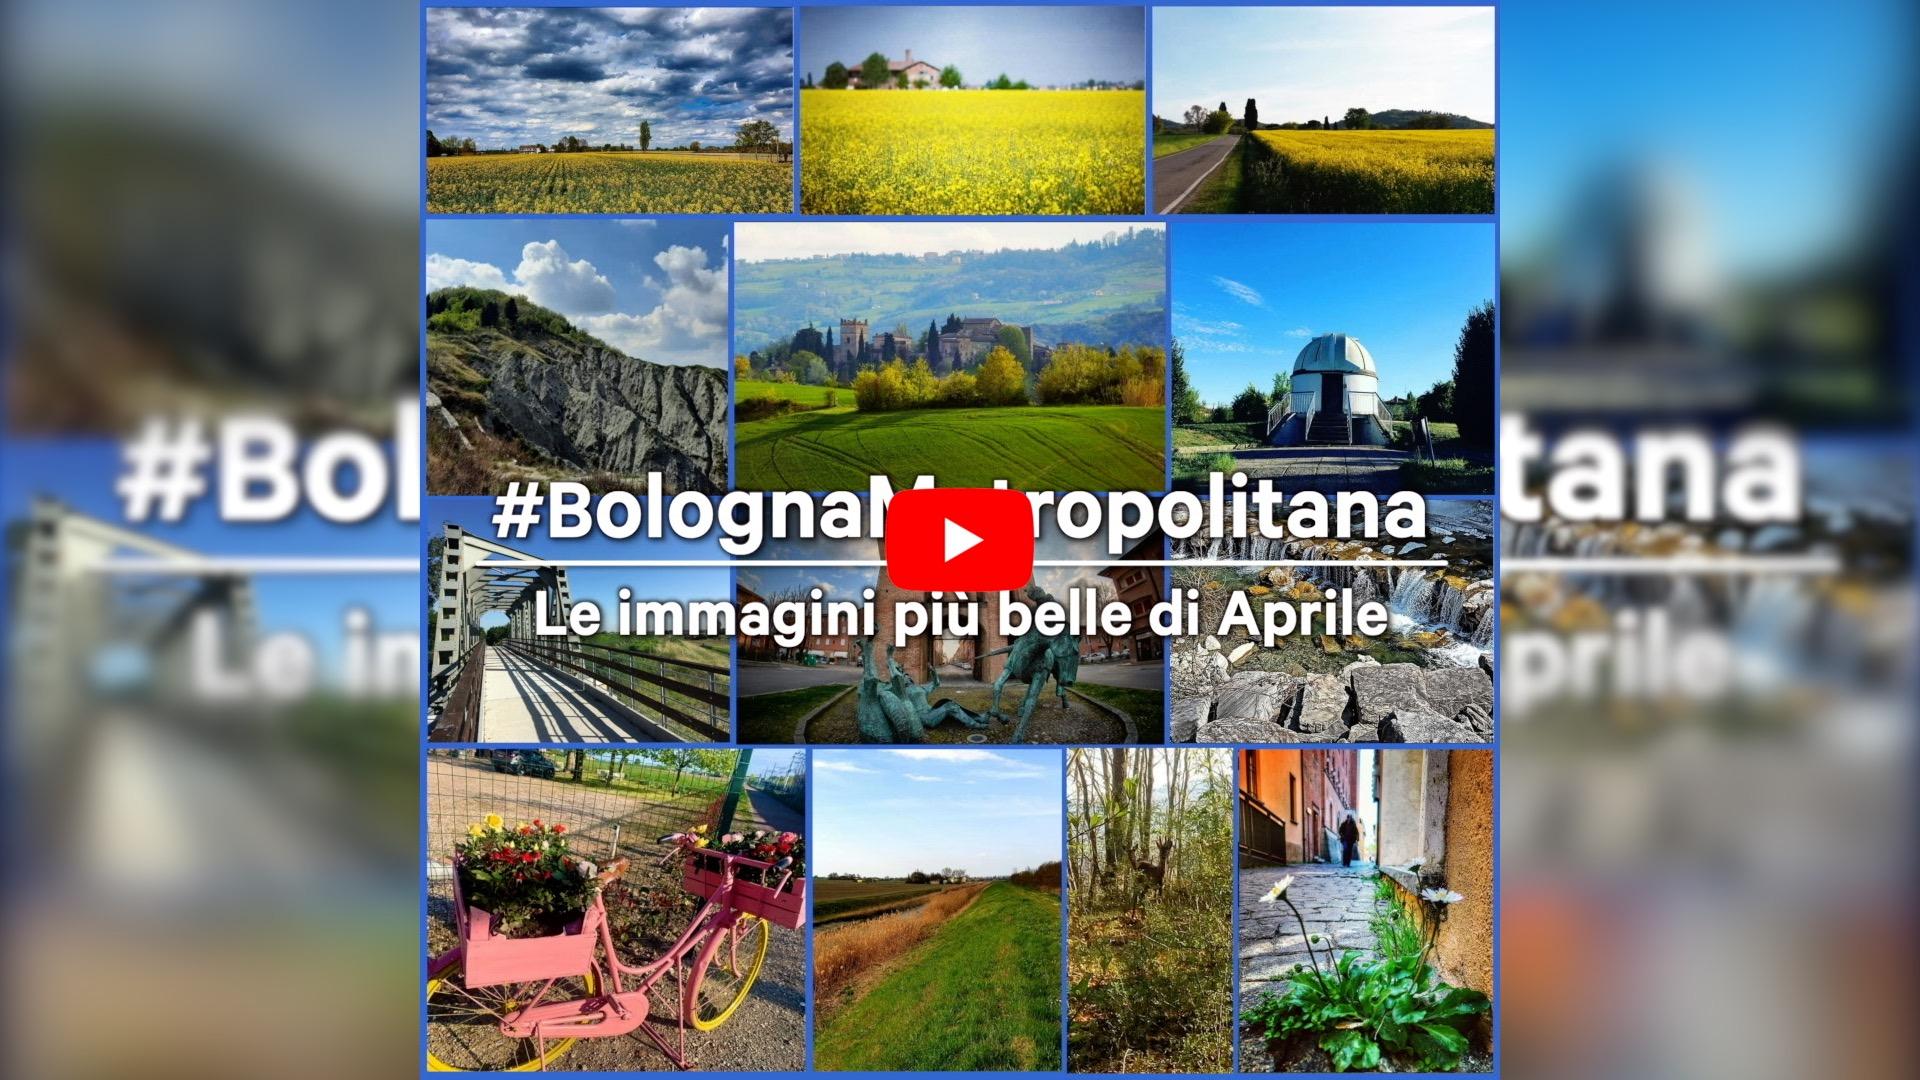 #BolognaMetropolitana - Le immagini più belle di aprile 2021